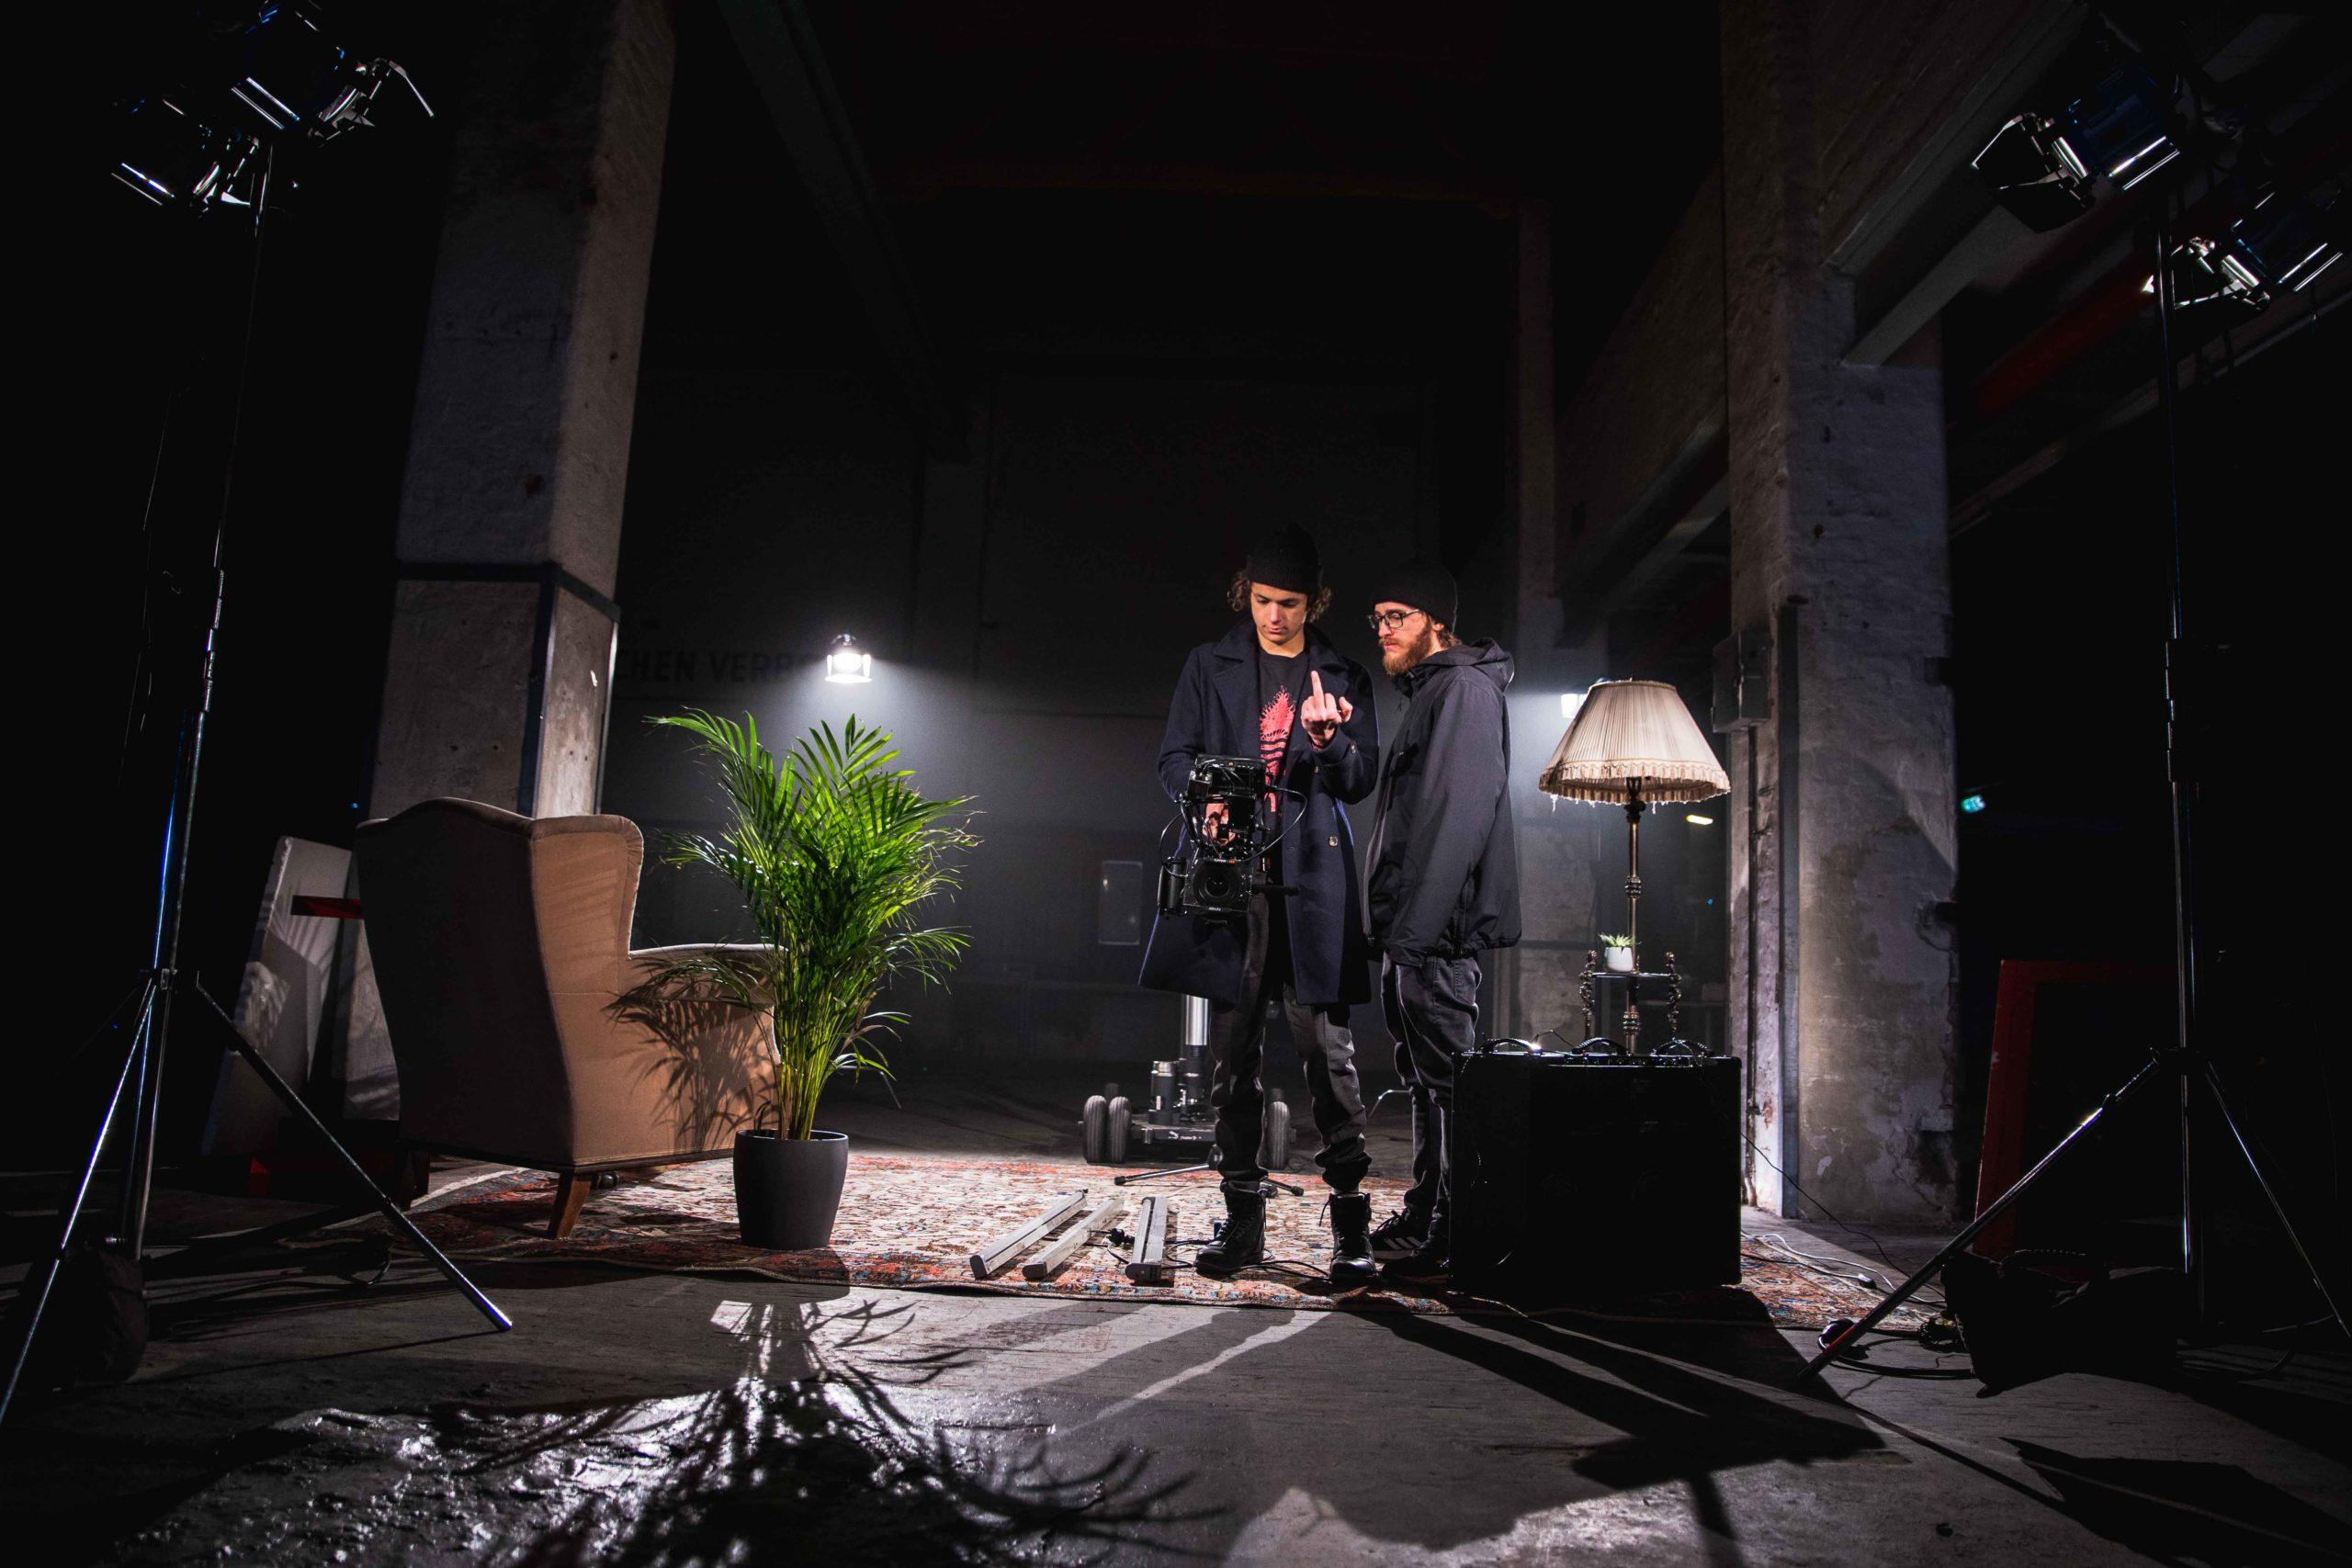 Making of Bilder von dem Musikvideo dreh Freude in Wien. Gemacht von Pia Berchtold.